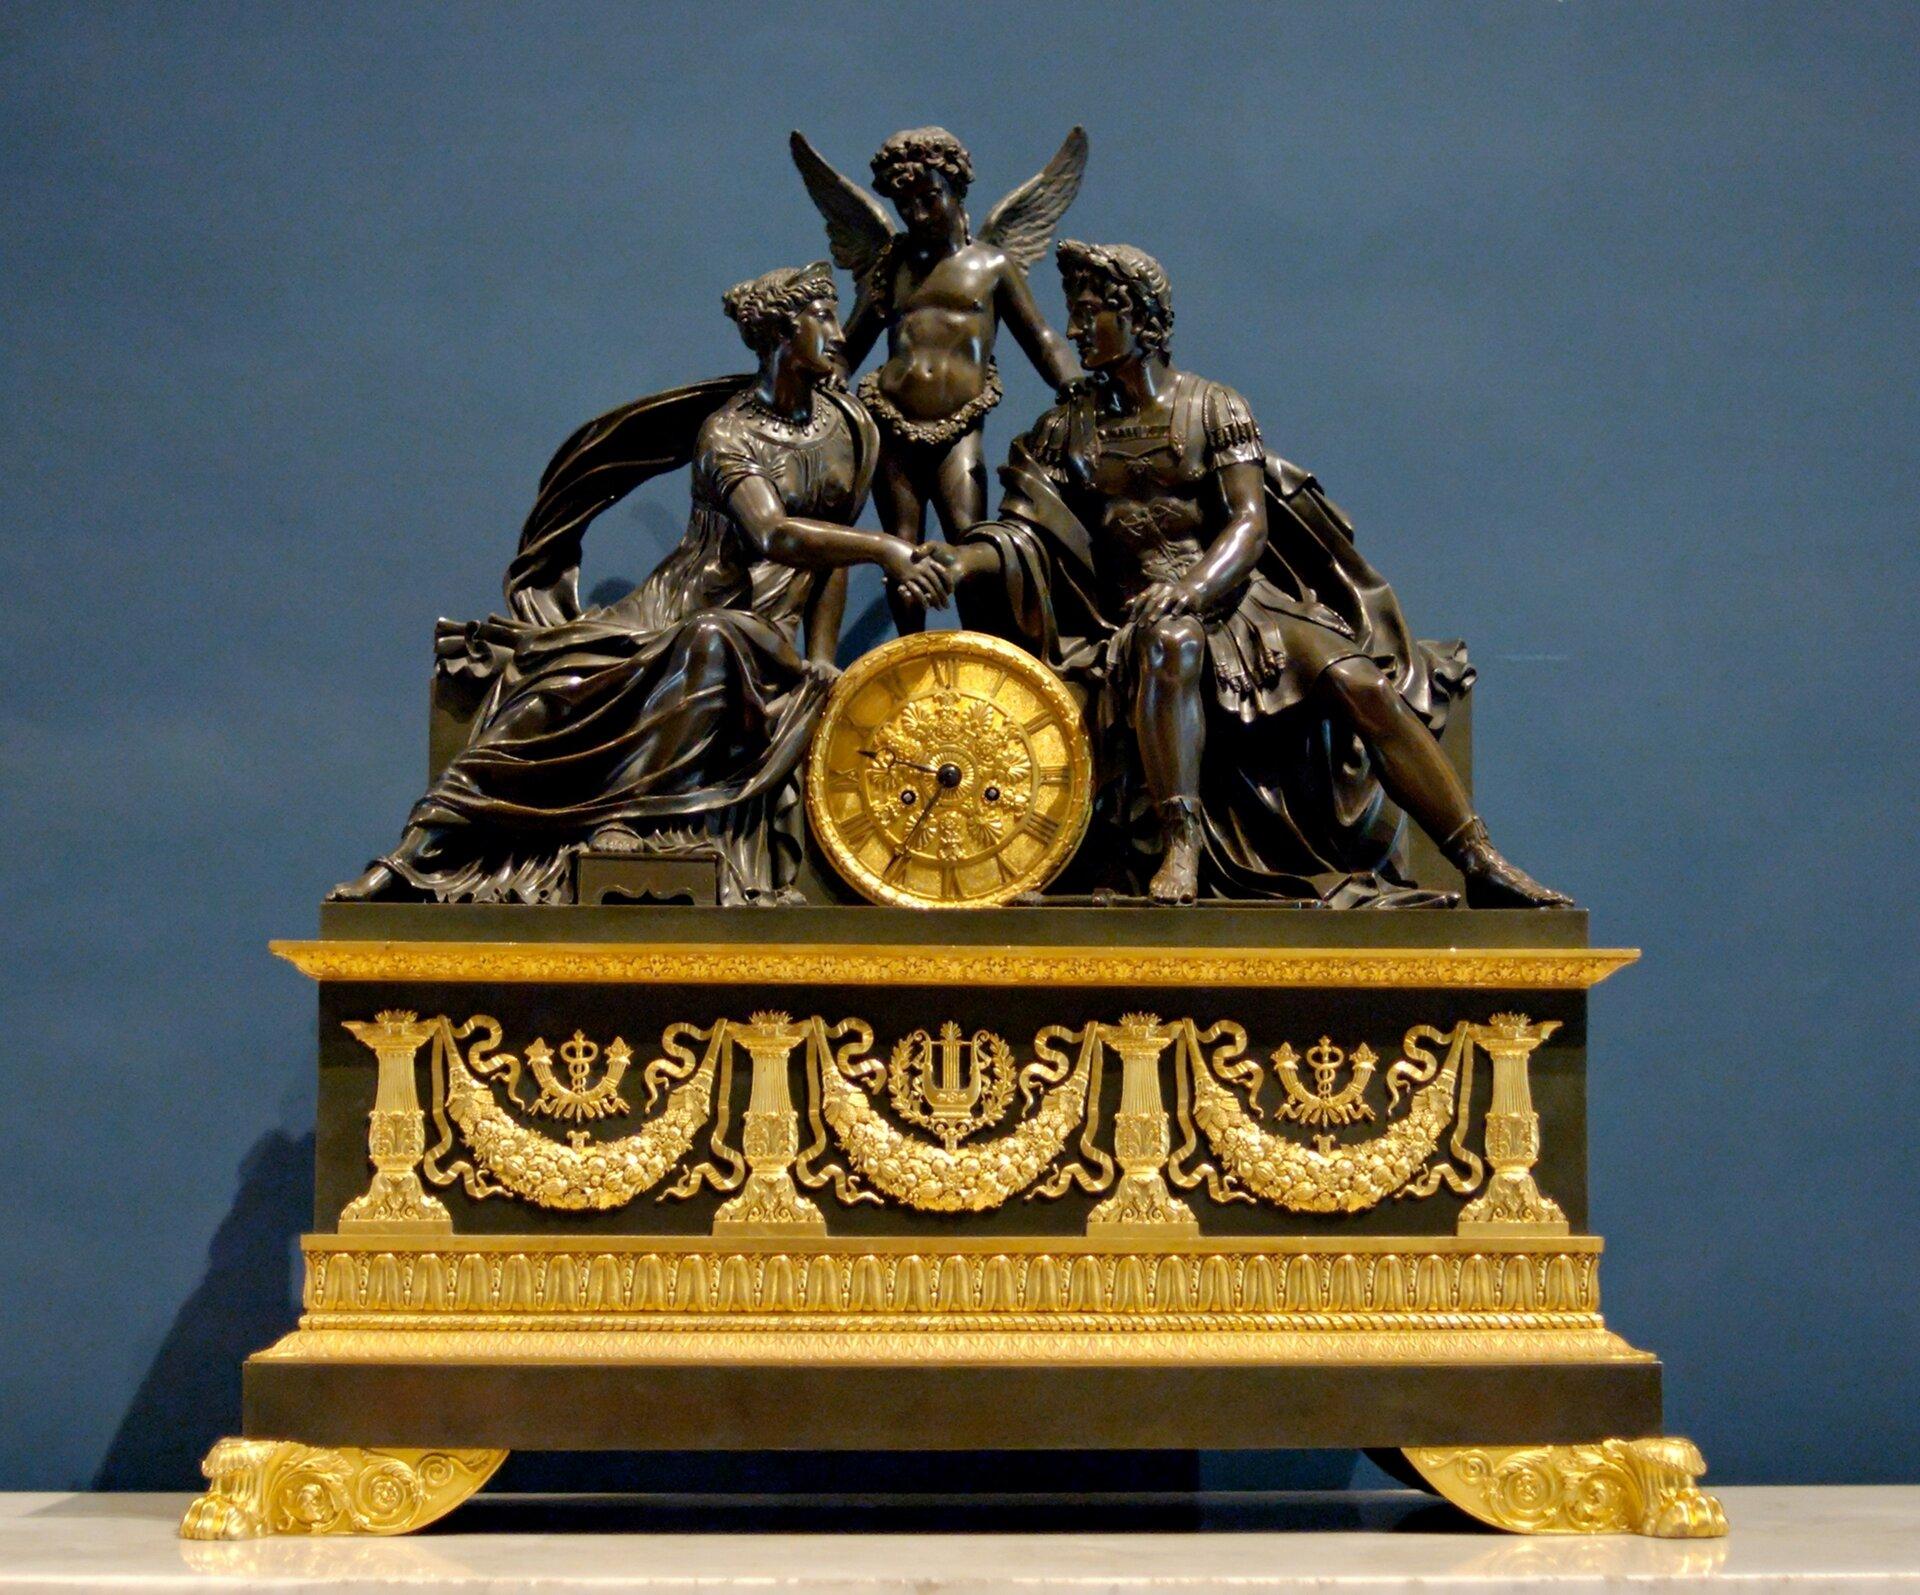 Ilustracja przedstawia zegar wfrancuskim stylu Empire. Przez zegar dominuje złoto ibrąz. Na centralnym miejscu widać trzy postacie kobiete imężczyzne wtz. uścisku dłoni oraz anioła stojącego nad nimi, opierającego swoje dłonie na ramieniu kobiety imęzczyzny. Zegar jest bogato zdobiony.